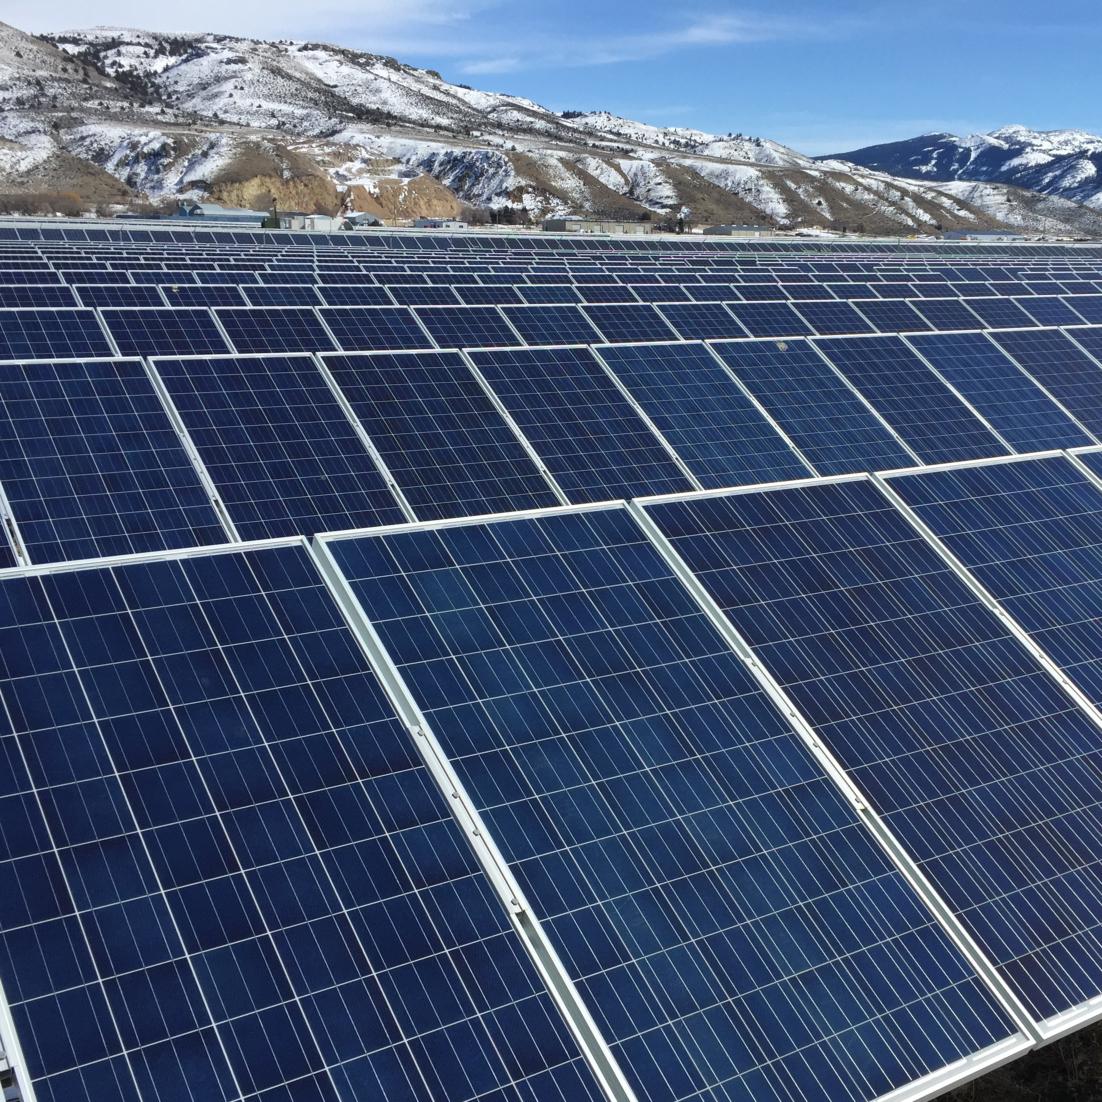 Chapter 3 - Renewable Energy